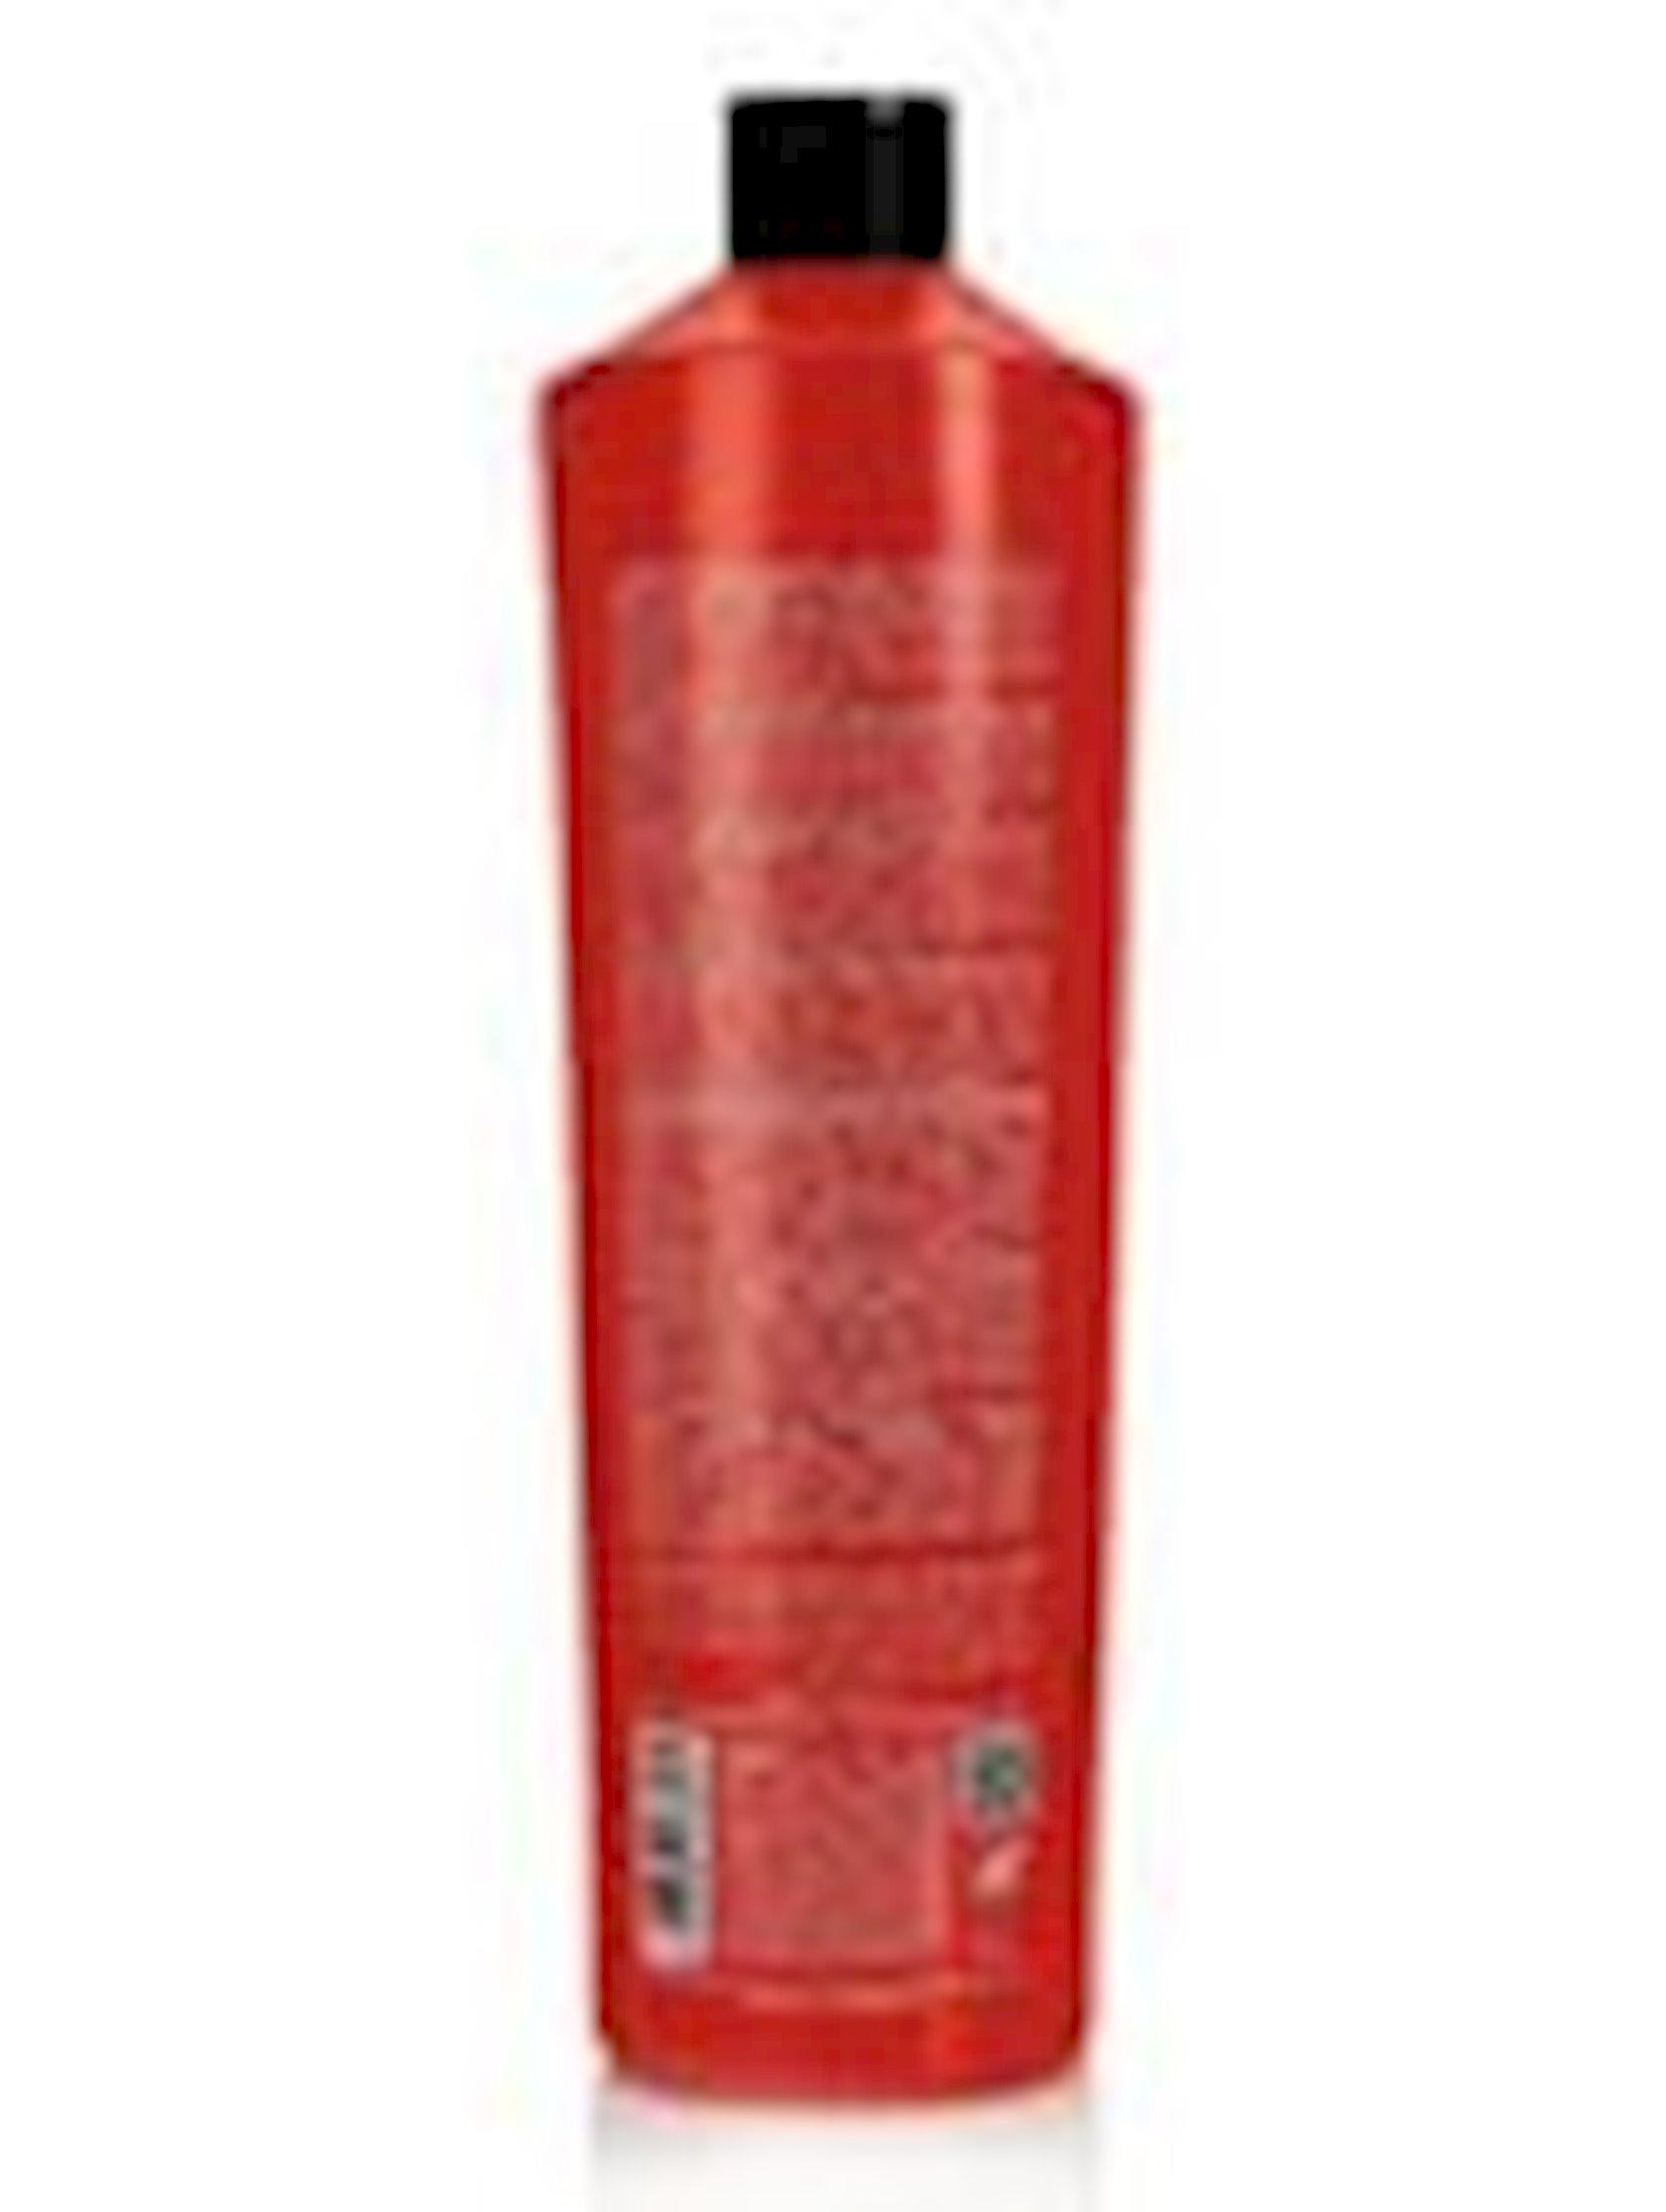 Kimyəvi olaraq düzəldilmiş saçlar üçün hamarlaşdırıcı şampun KayPro, 1000 ml